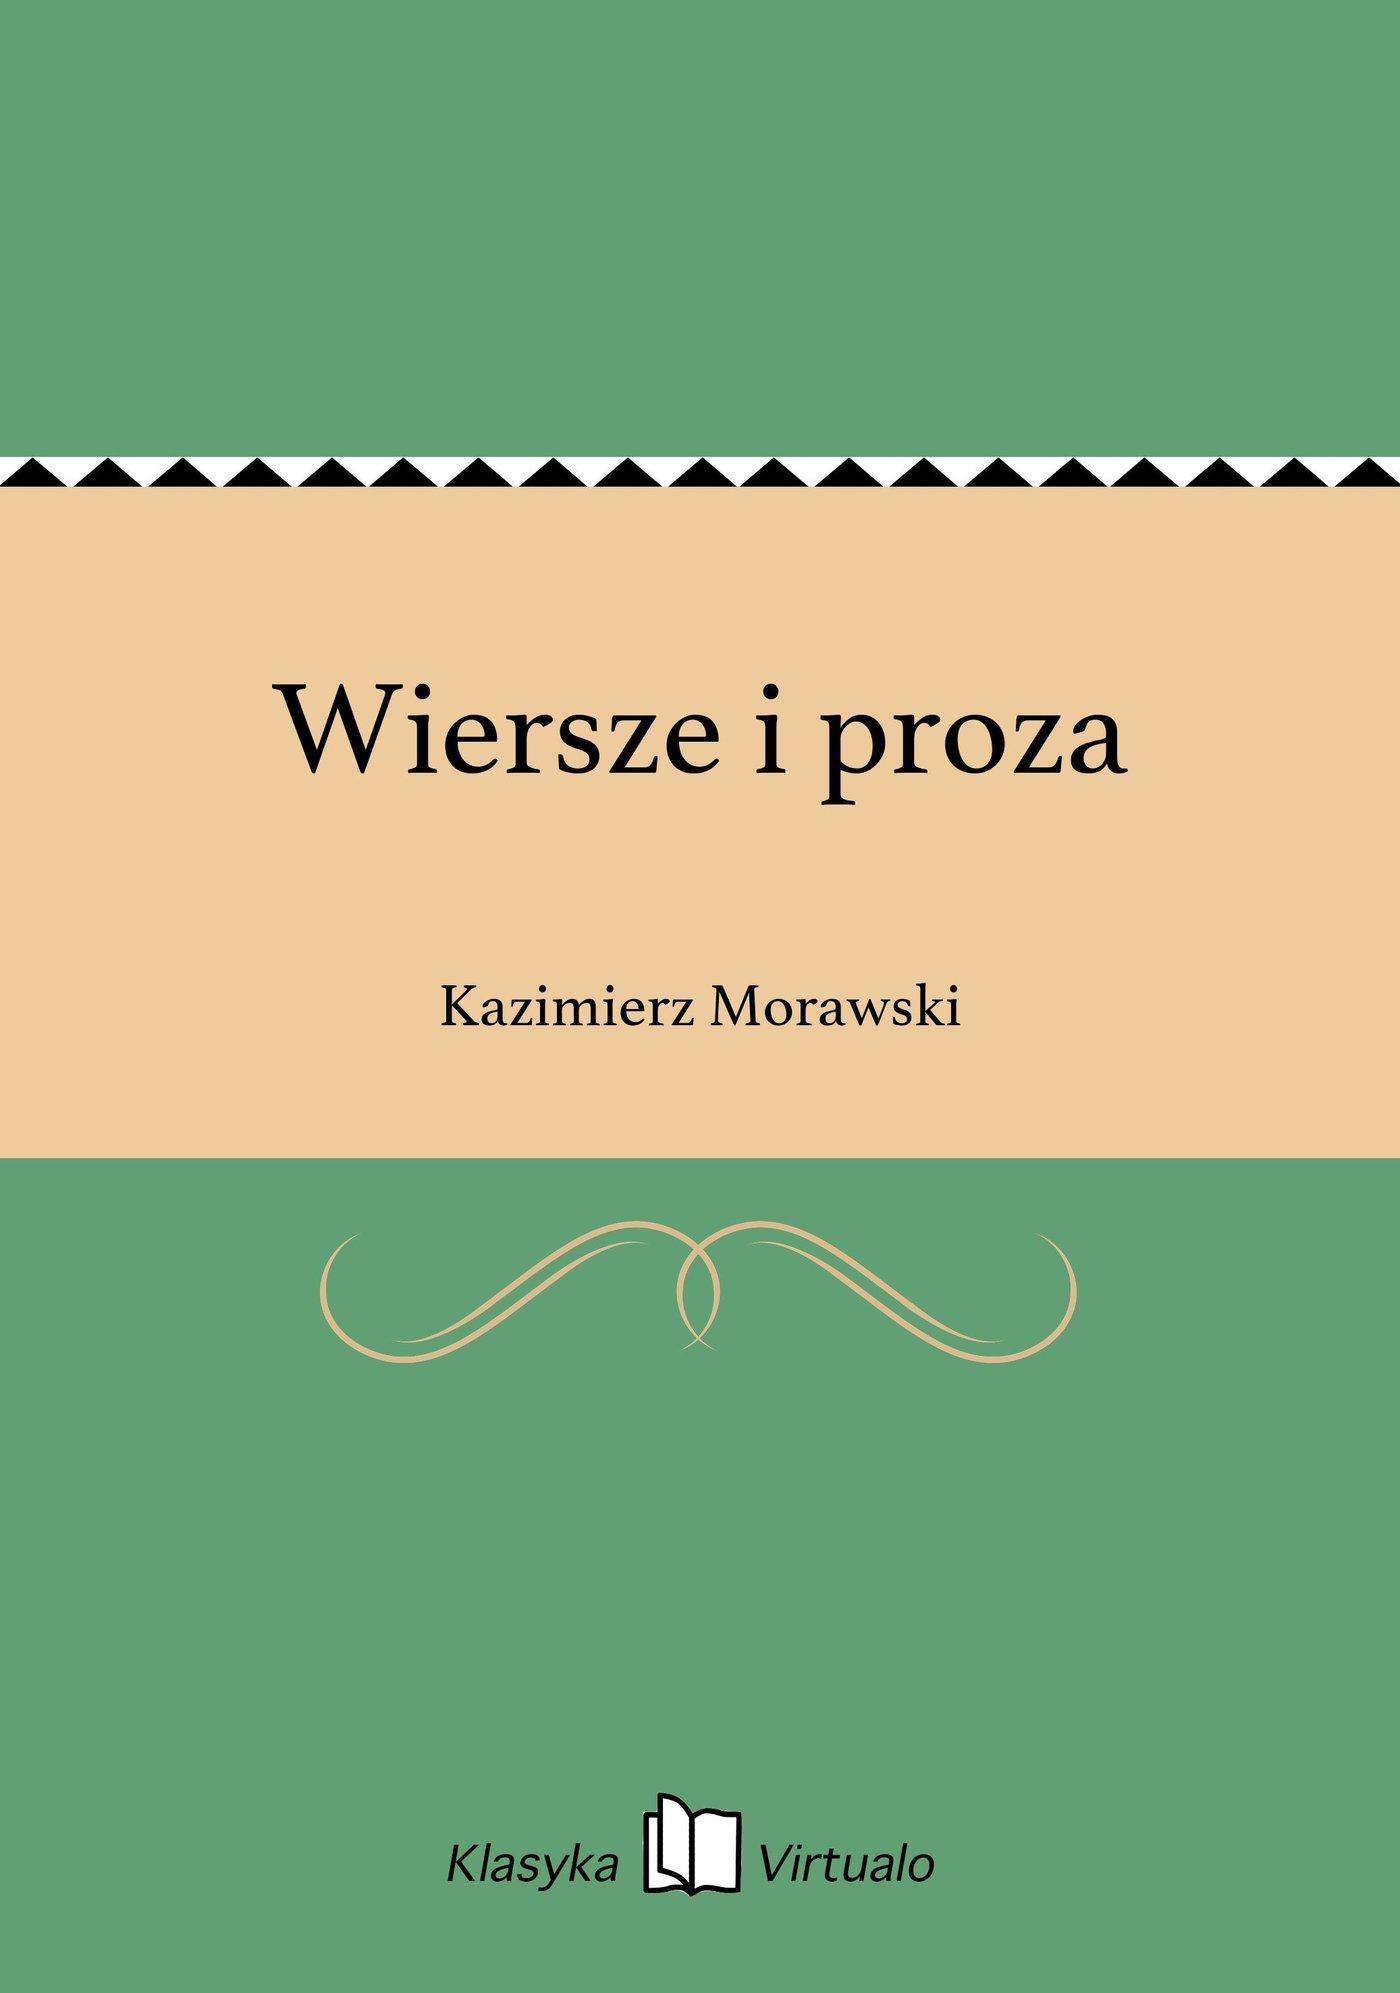 Wiersze i proza - Ebook (Książka EPUB) do pobrania w formacie EPUB